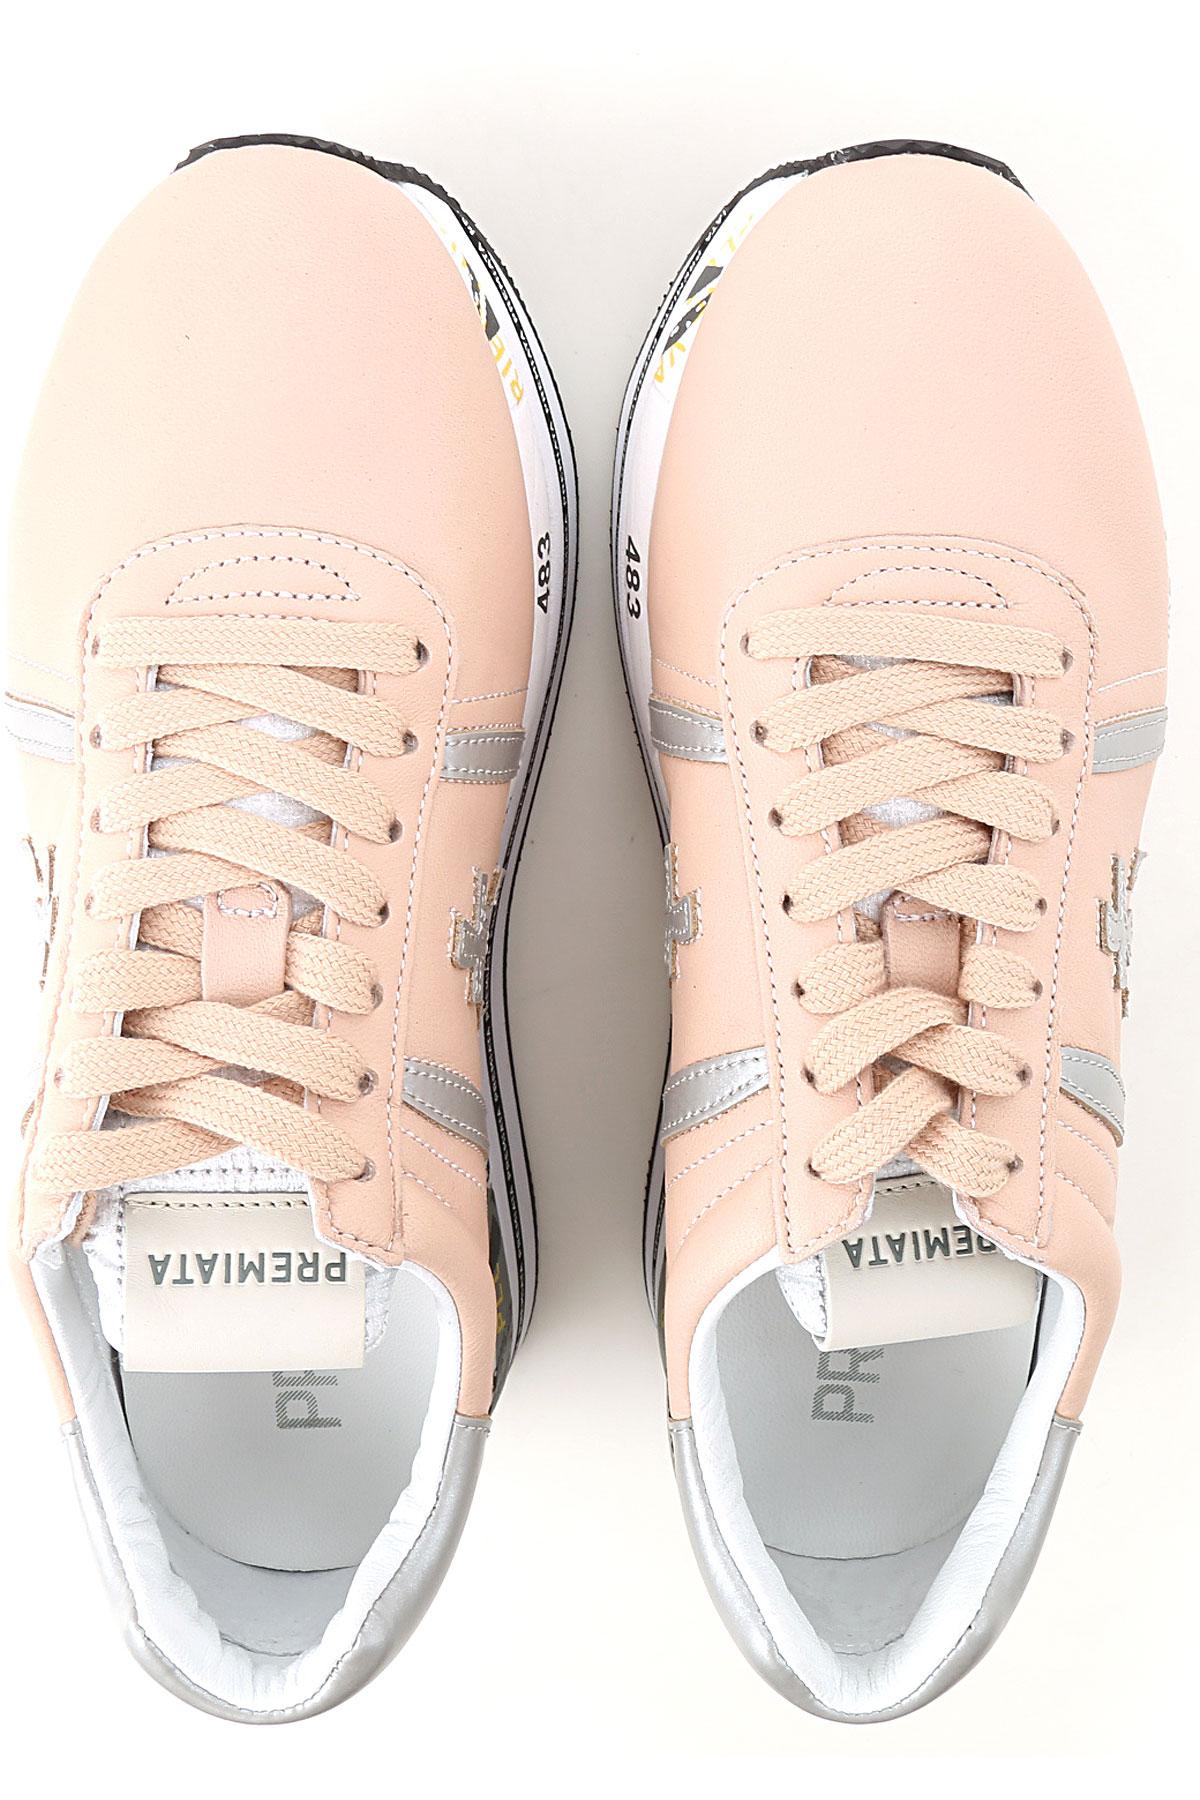 2019 Plata Mujer Primavera nbsp;multicolor Para Suave verano Premiata Zapatos Rosa wXq1XTAU